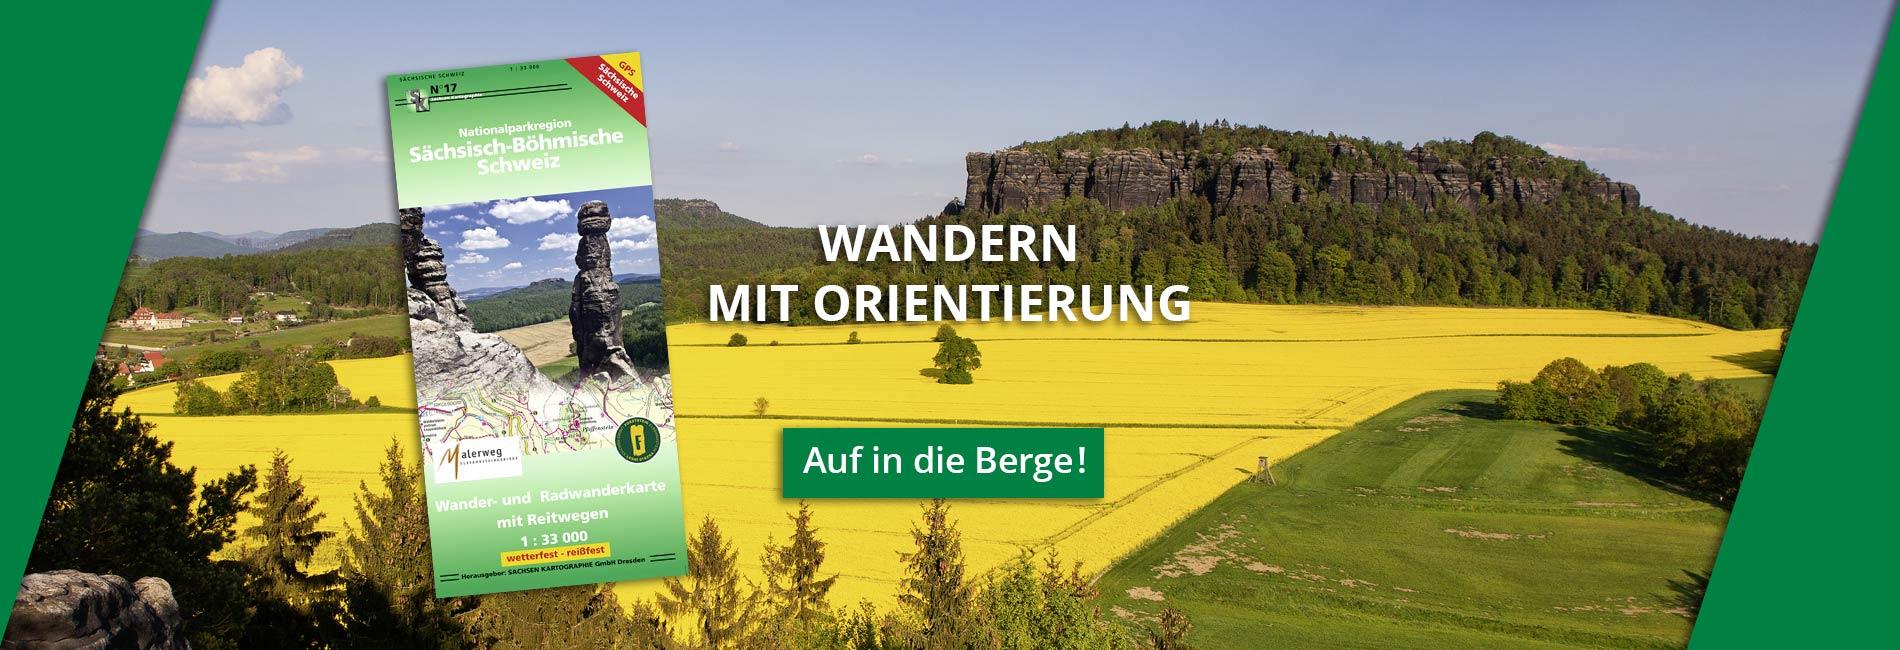 Wanderkarte Pfaffenstein Rapsfeld